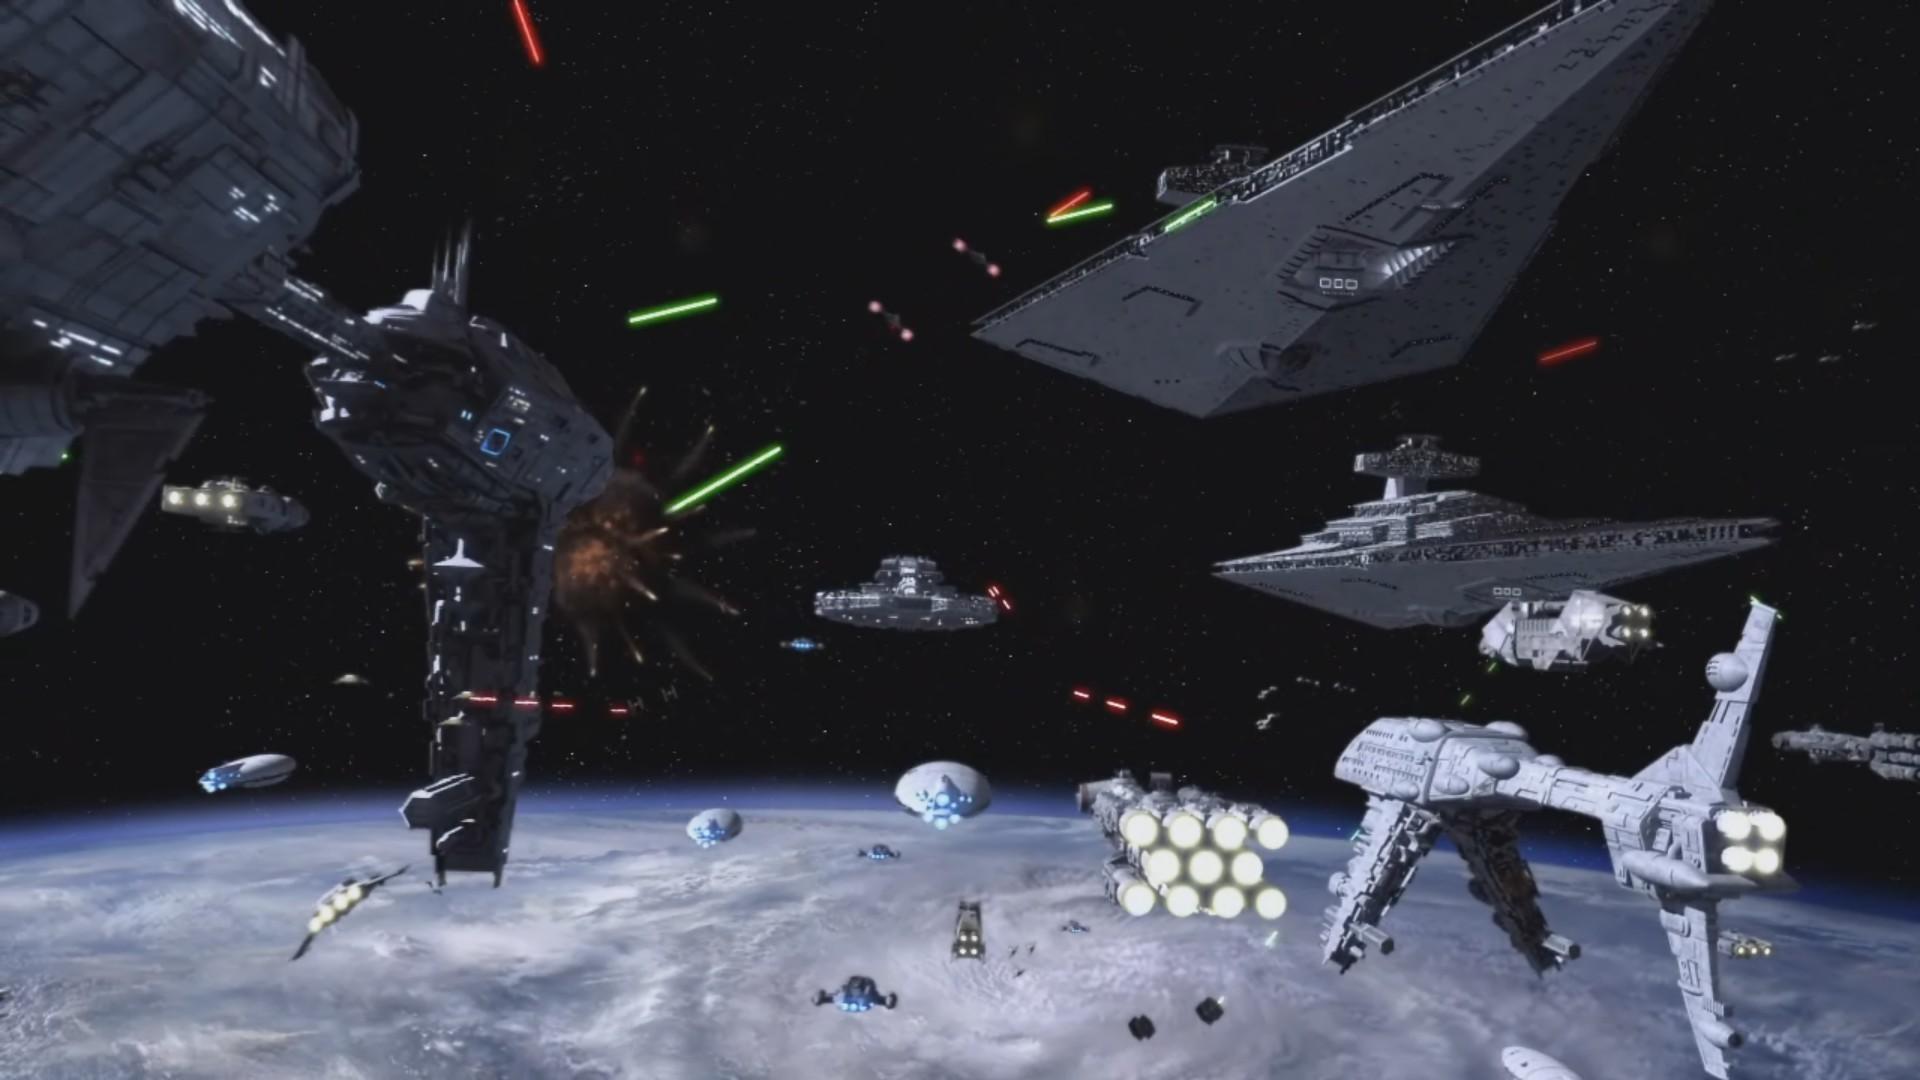 Res: 1920x1080, Download V.43 - Star Wars Space Battle Wallpaper, ModaFinilsale